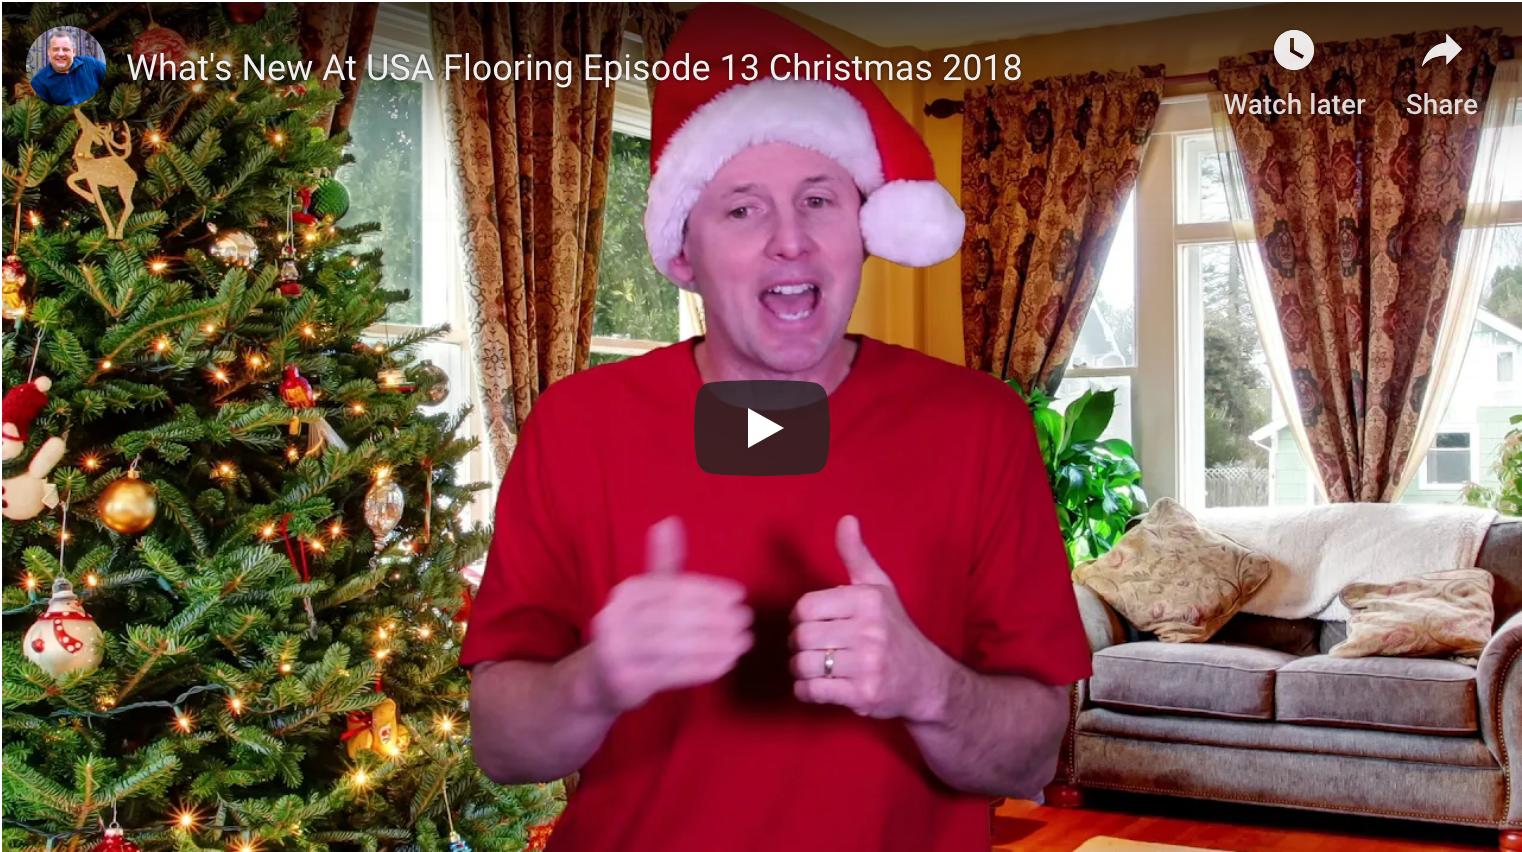 Christmas 2018 USA Flooring